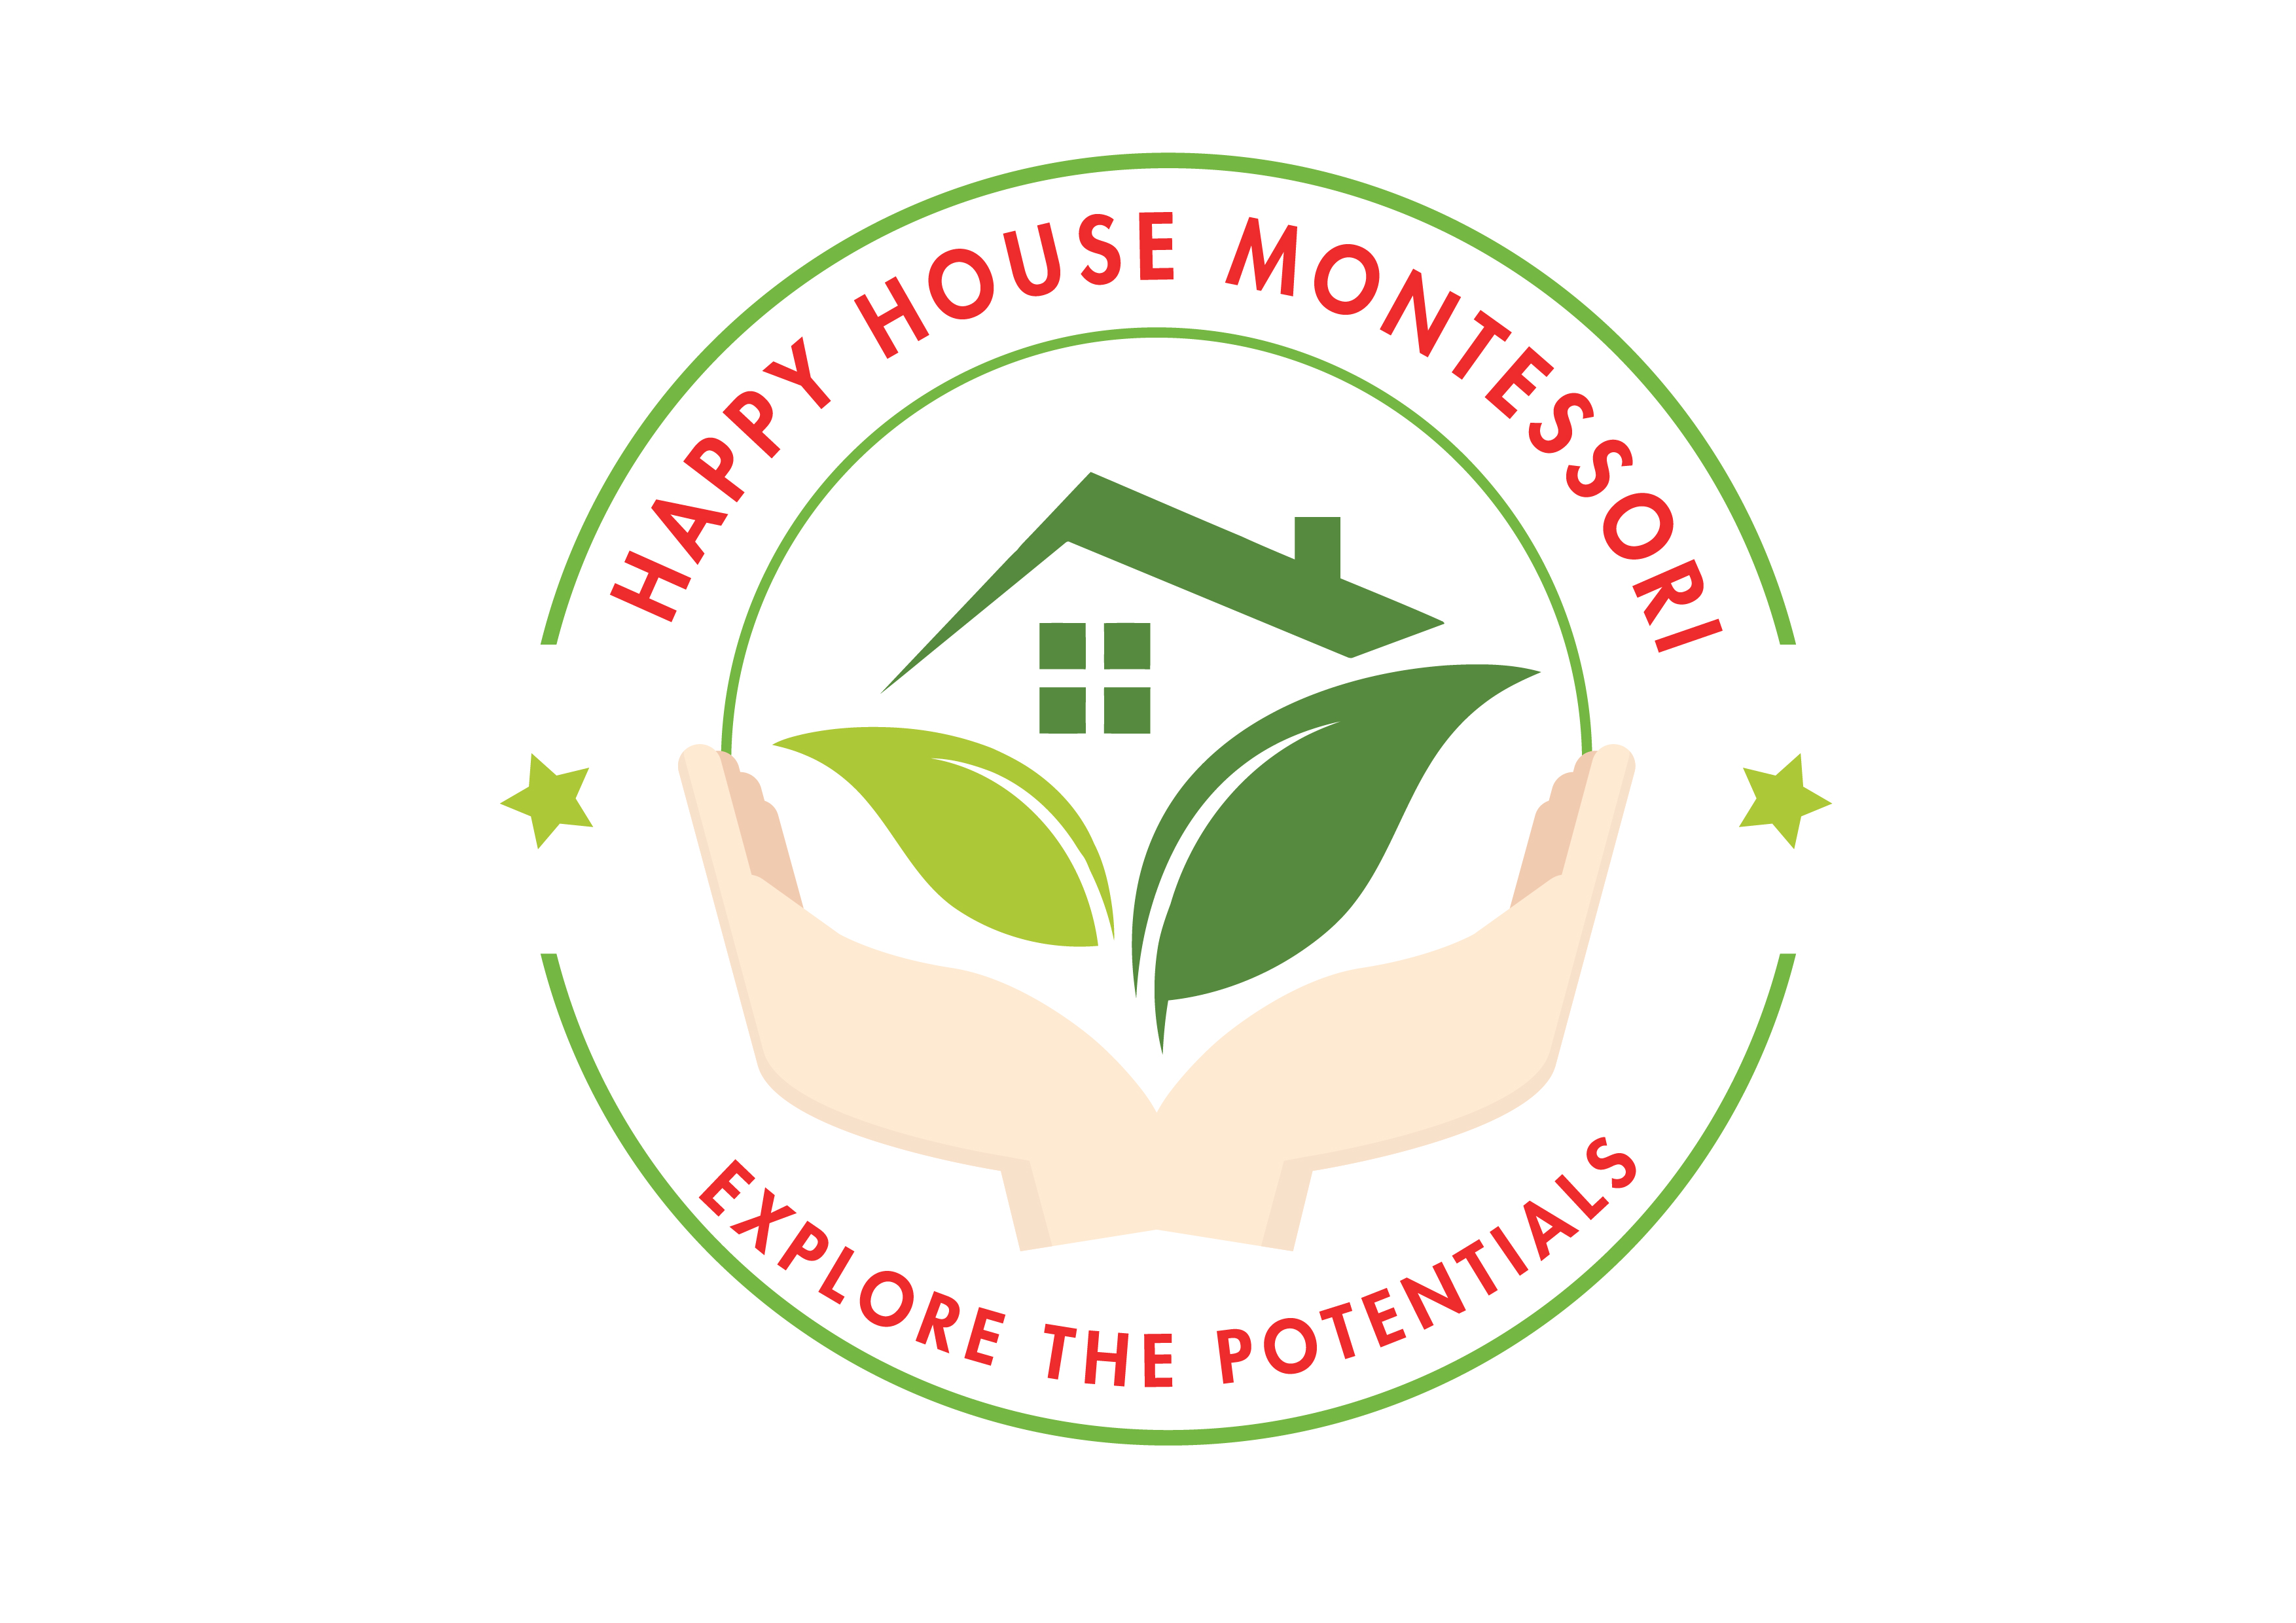 ưu đãi tuyển sinh của Trường mầm non Happy House Montessori Preschool - Phước Long B